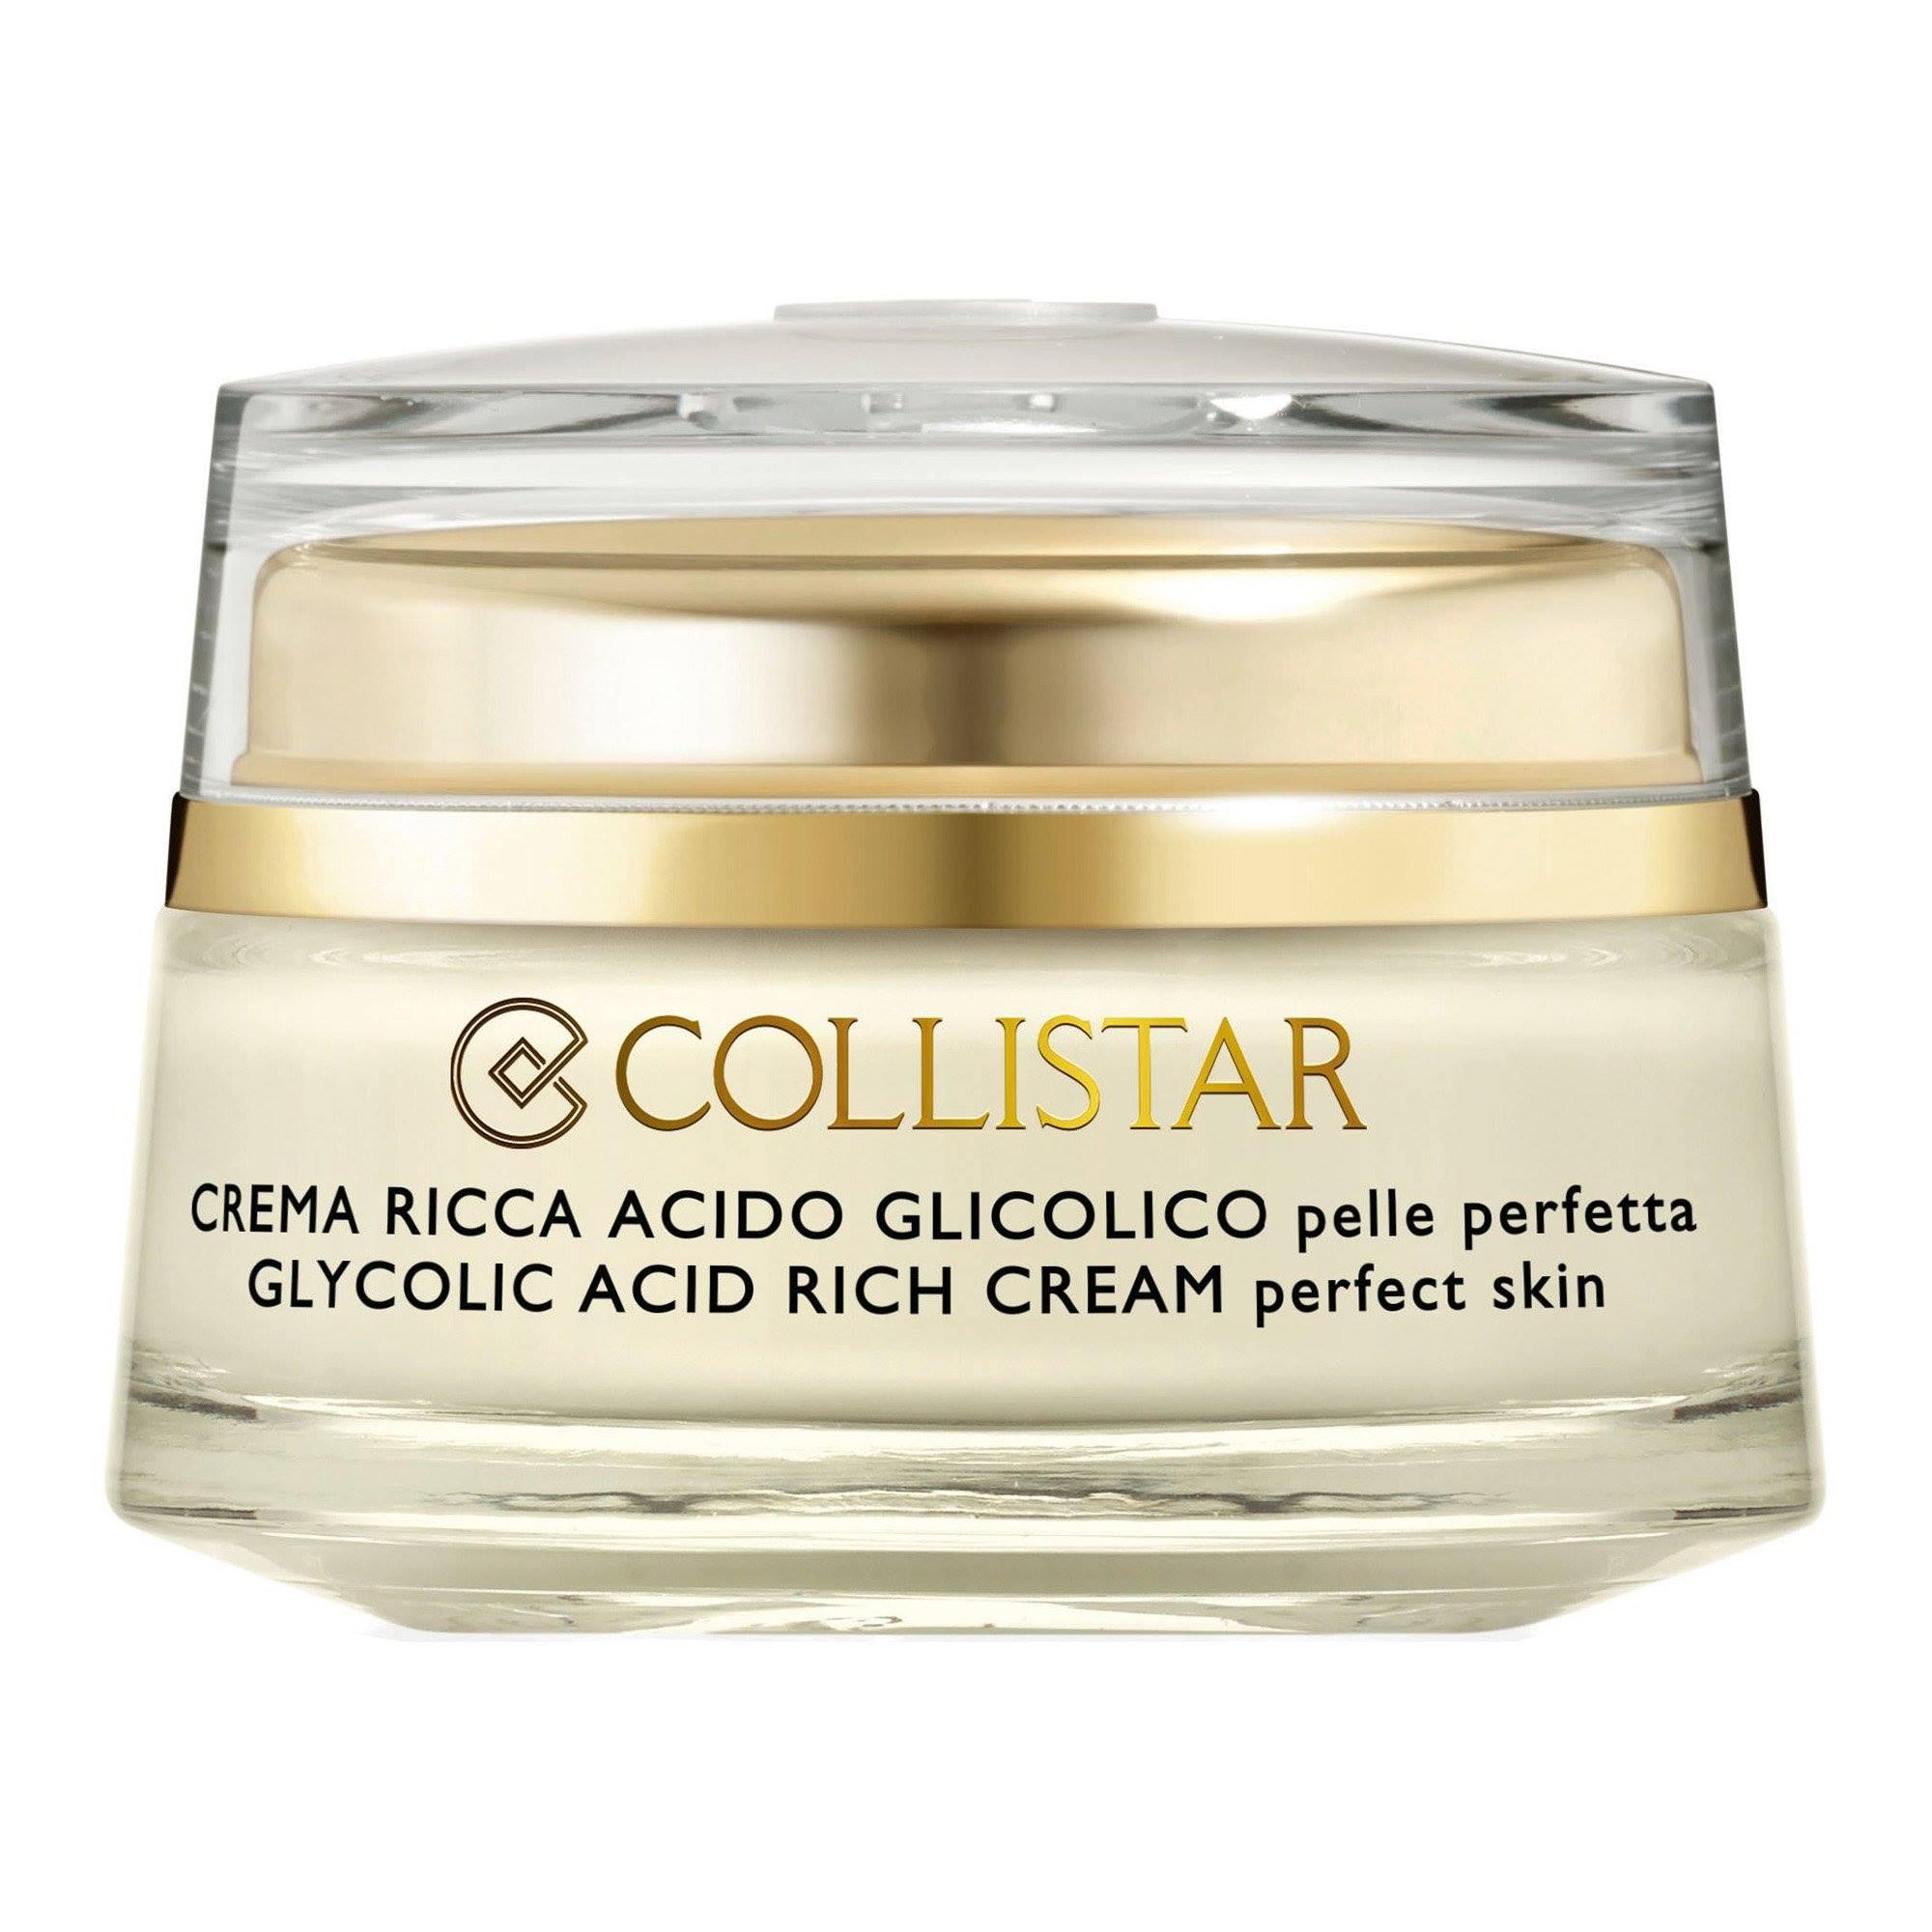 Crema Ricca Acido Glicolico Pelle Perfetta - Collistar